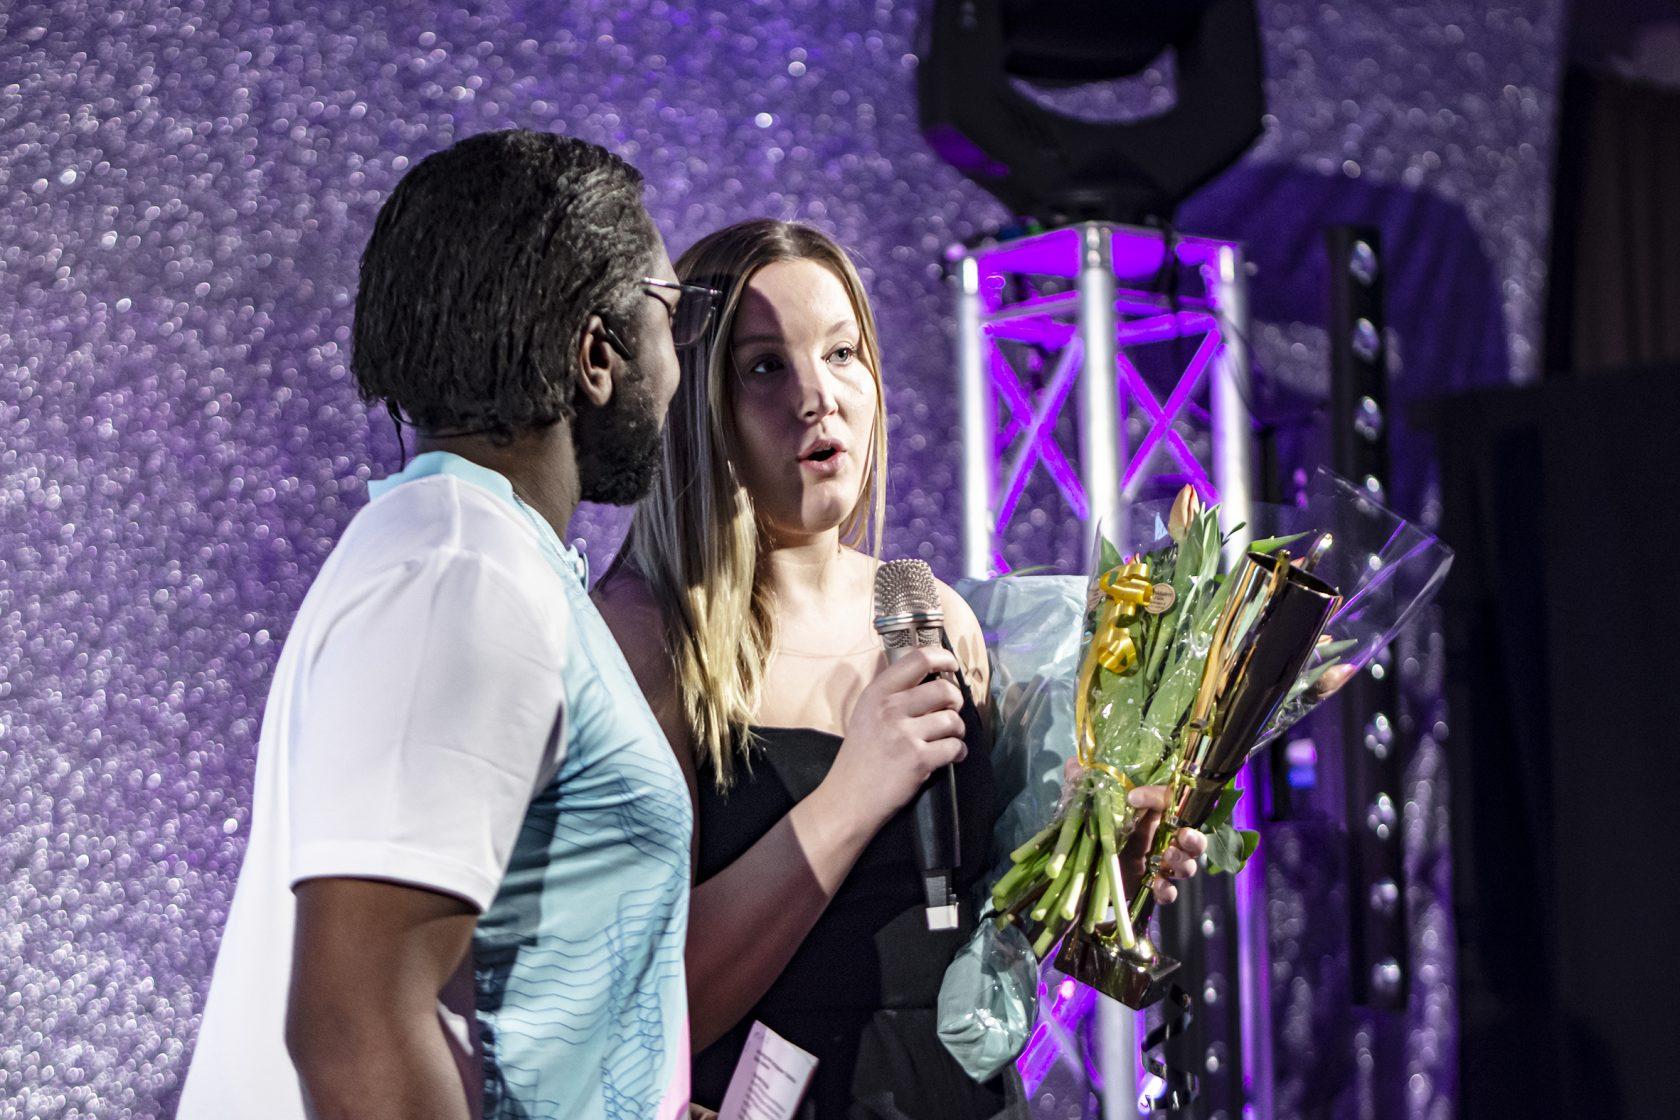 Årets kvinnliga idrottare Felicia Ogeheim Grundtman, Kolsva Motorsällskap